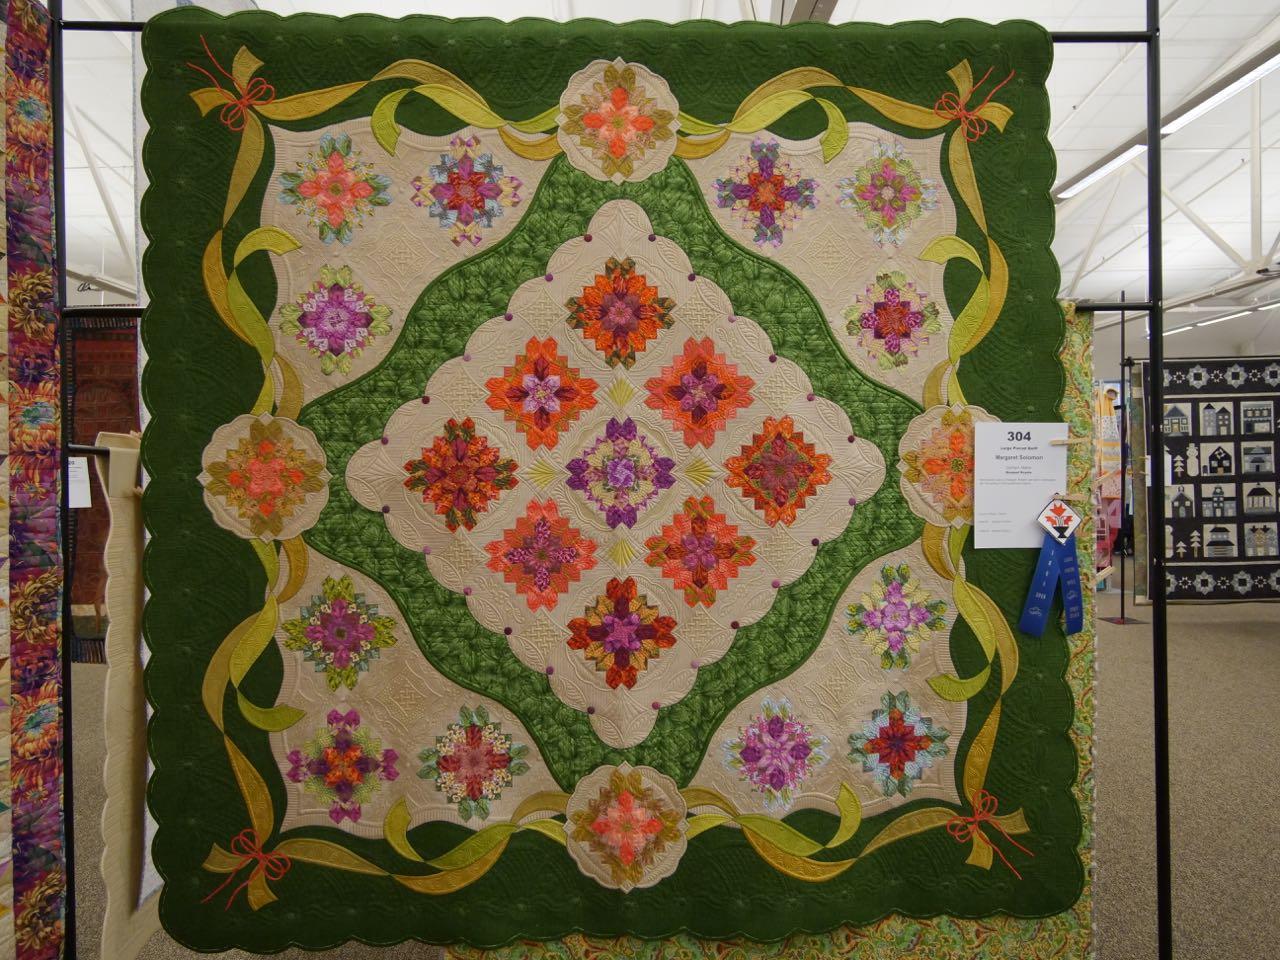 Bouquet Royale - 1st Place, Large Pieced Quilts